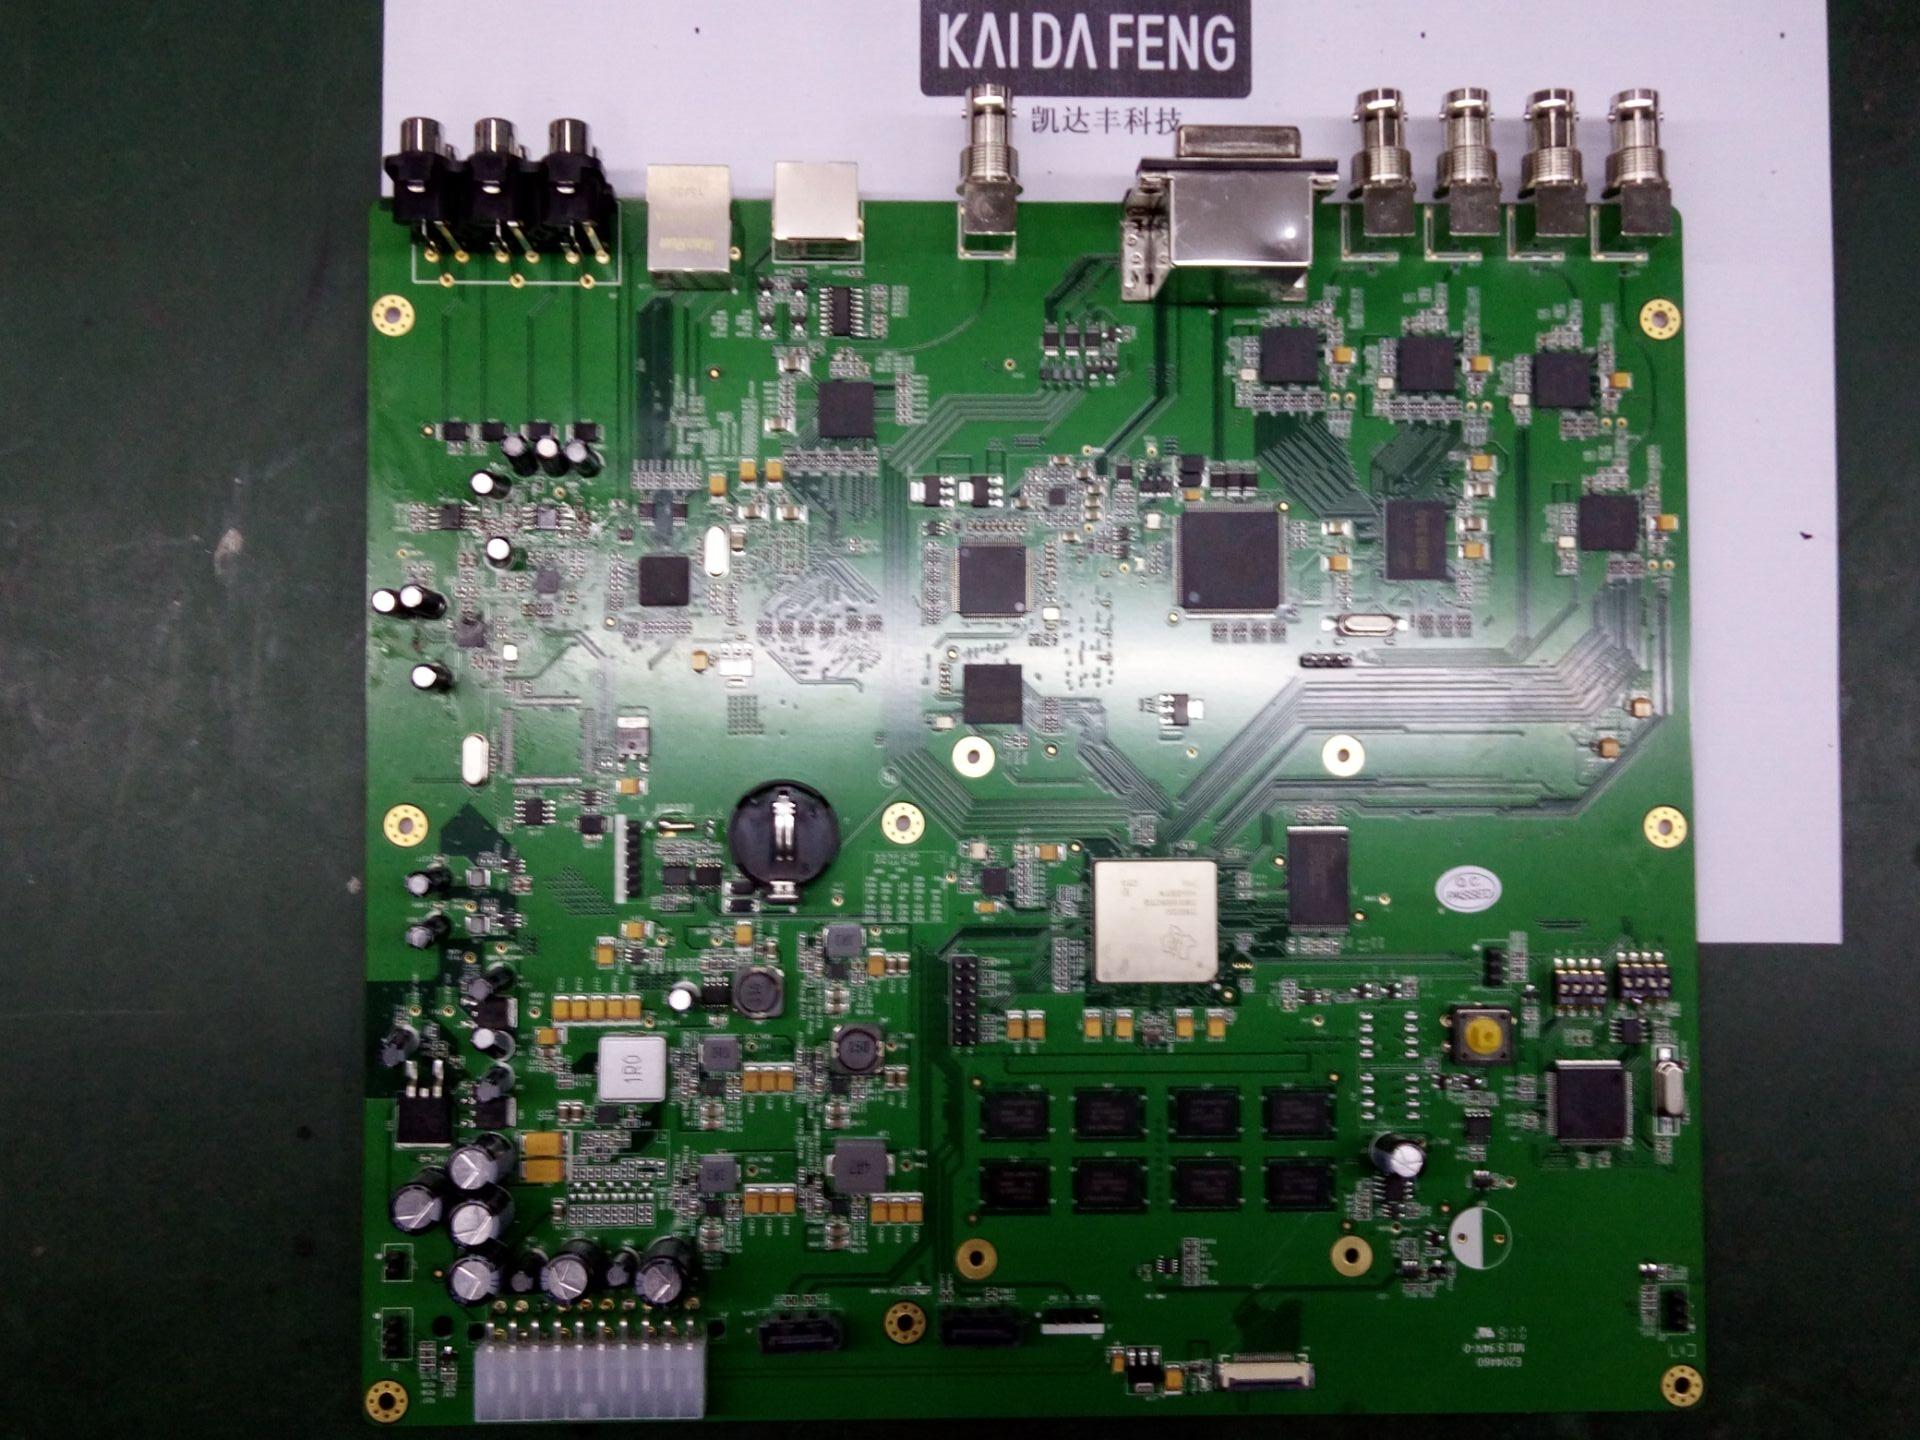 供应用于数码医辽产品|手机板|工控板的承接手机板平板电脑消费SMT贴片加工厂 数码电子产品